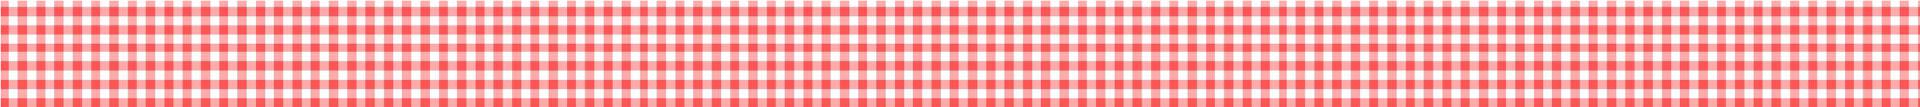 MLV-gingham-stripe